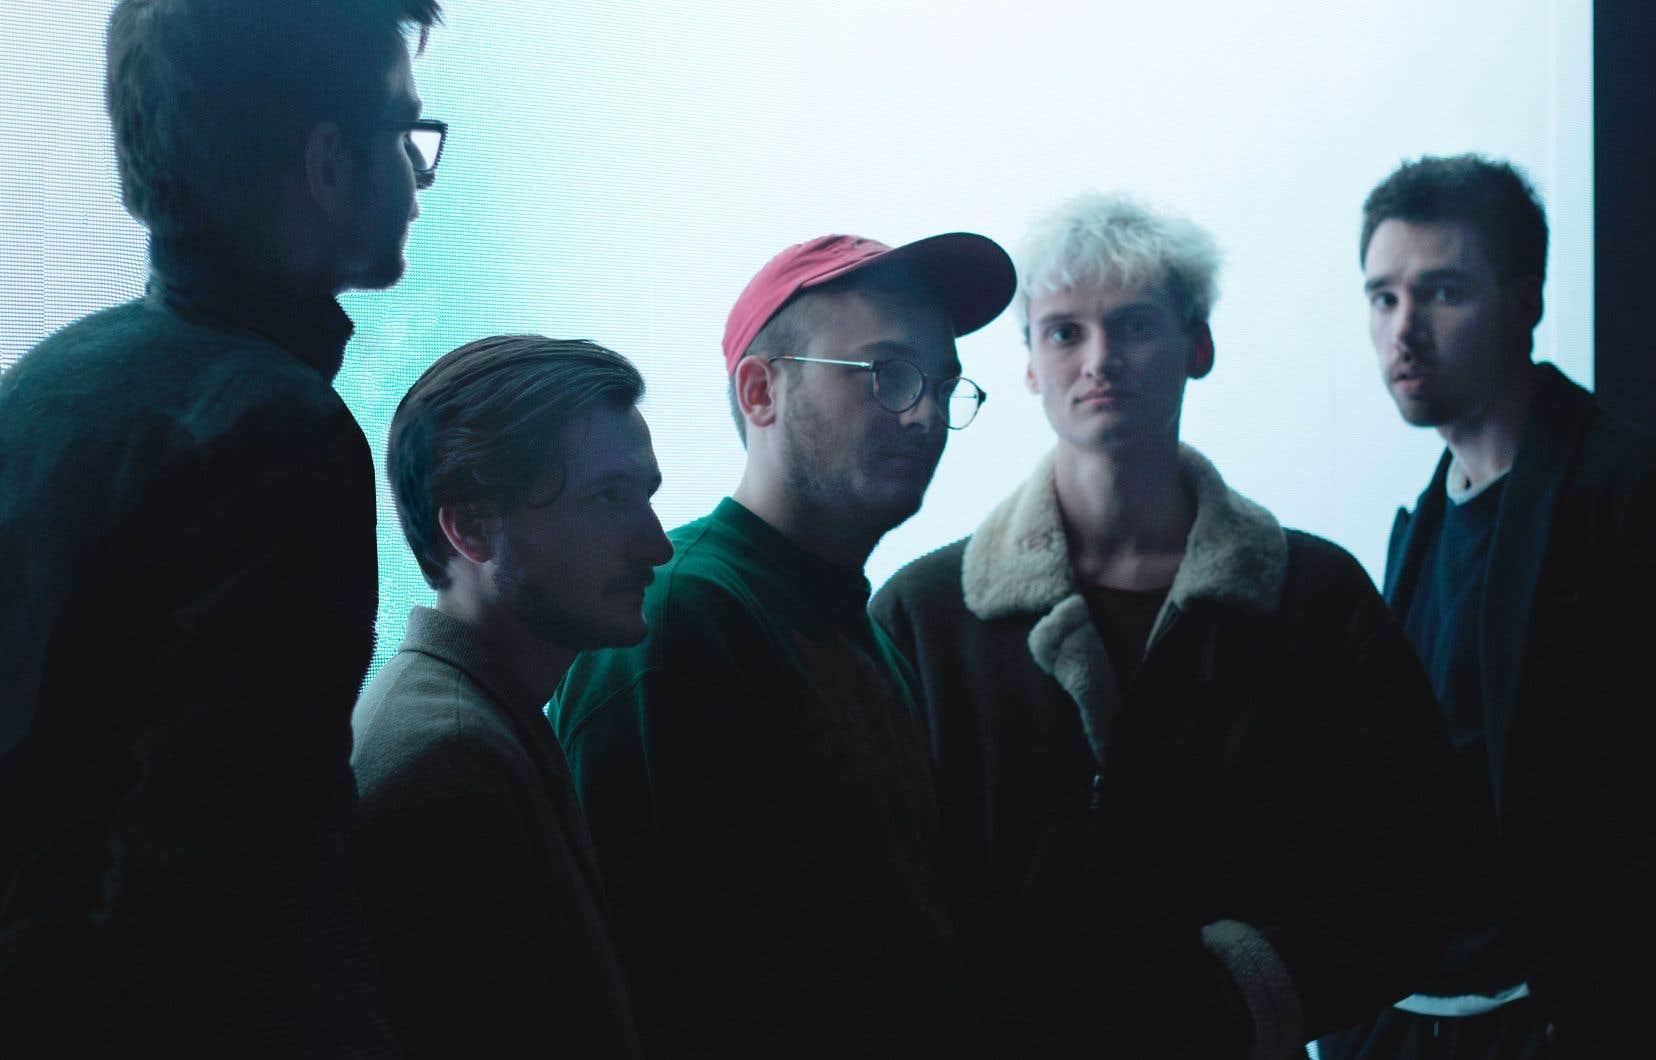 Normal que vous n'ayez jamais entendu parler de Glauque, le groupe de Belgique n'a pas encore lancé d'album. Il n'a, en fait, que deux chansons officielles : «Robot» et «Plane».